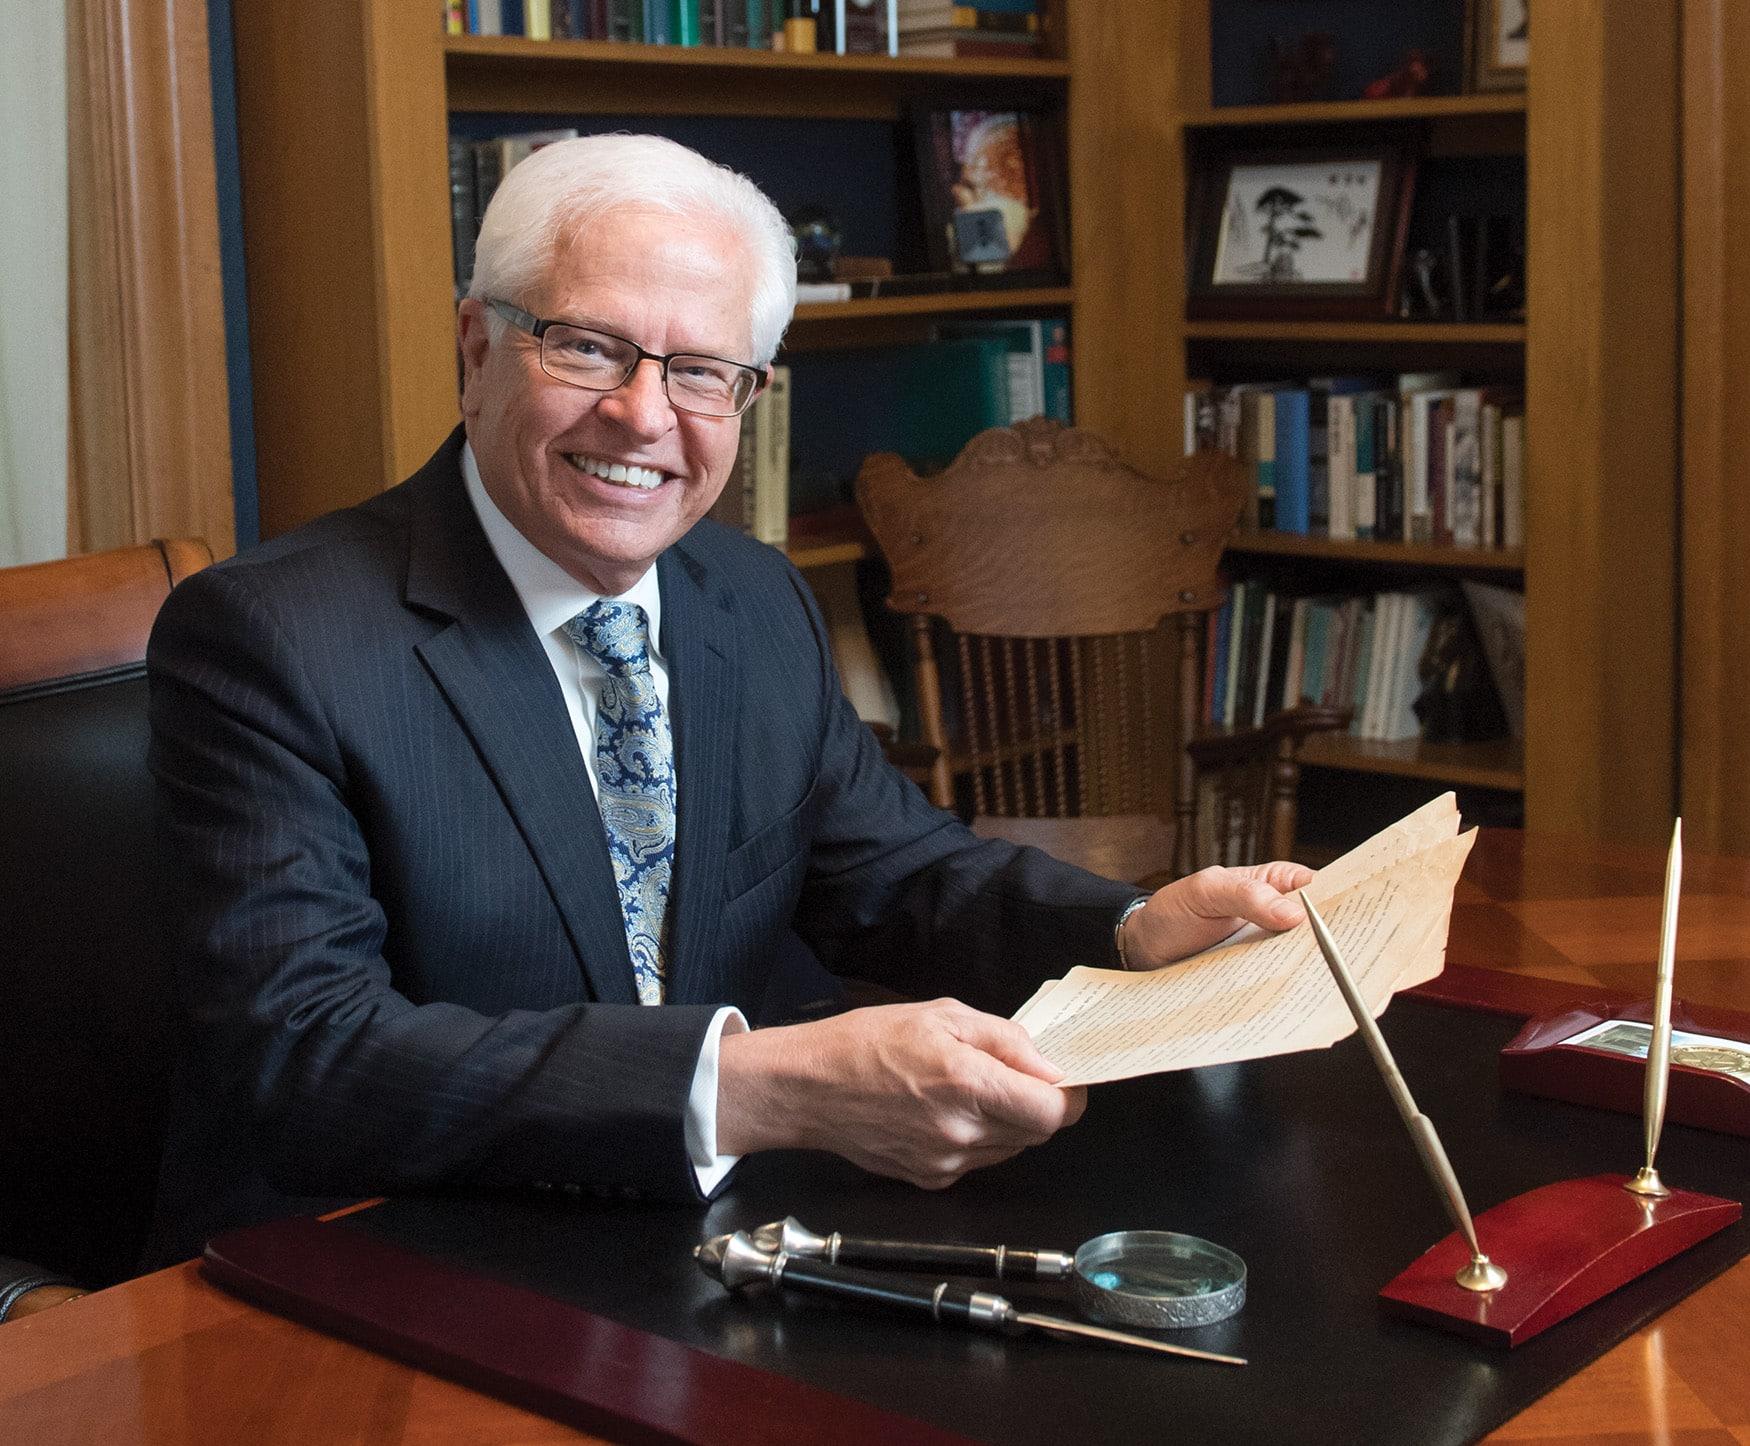 Dr. Bill Ellis at desk